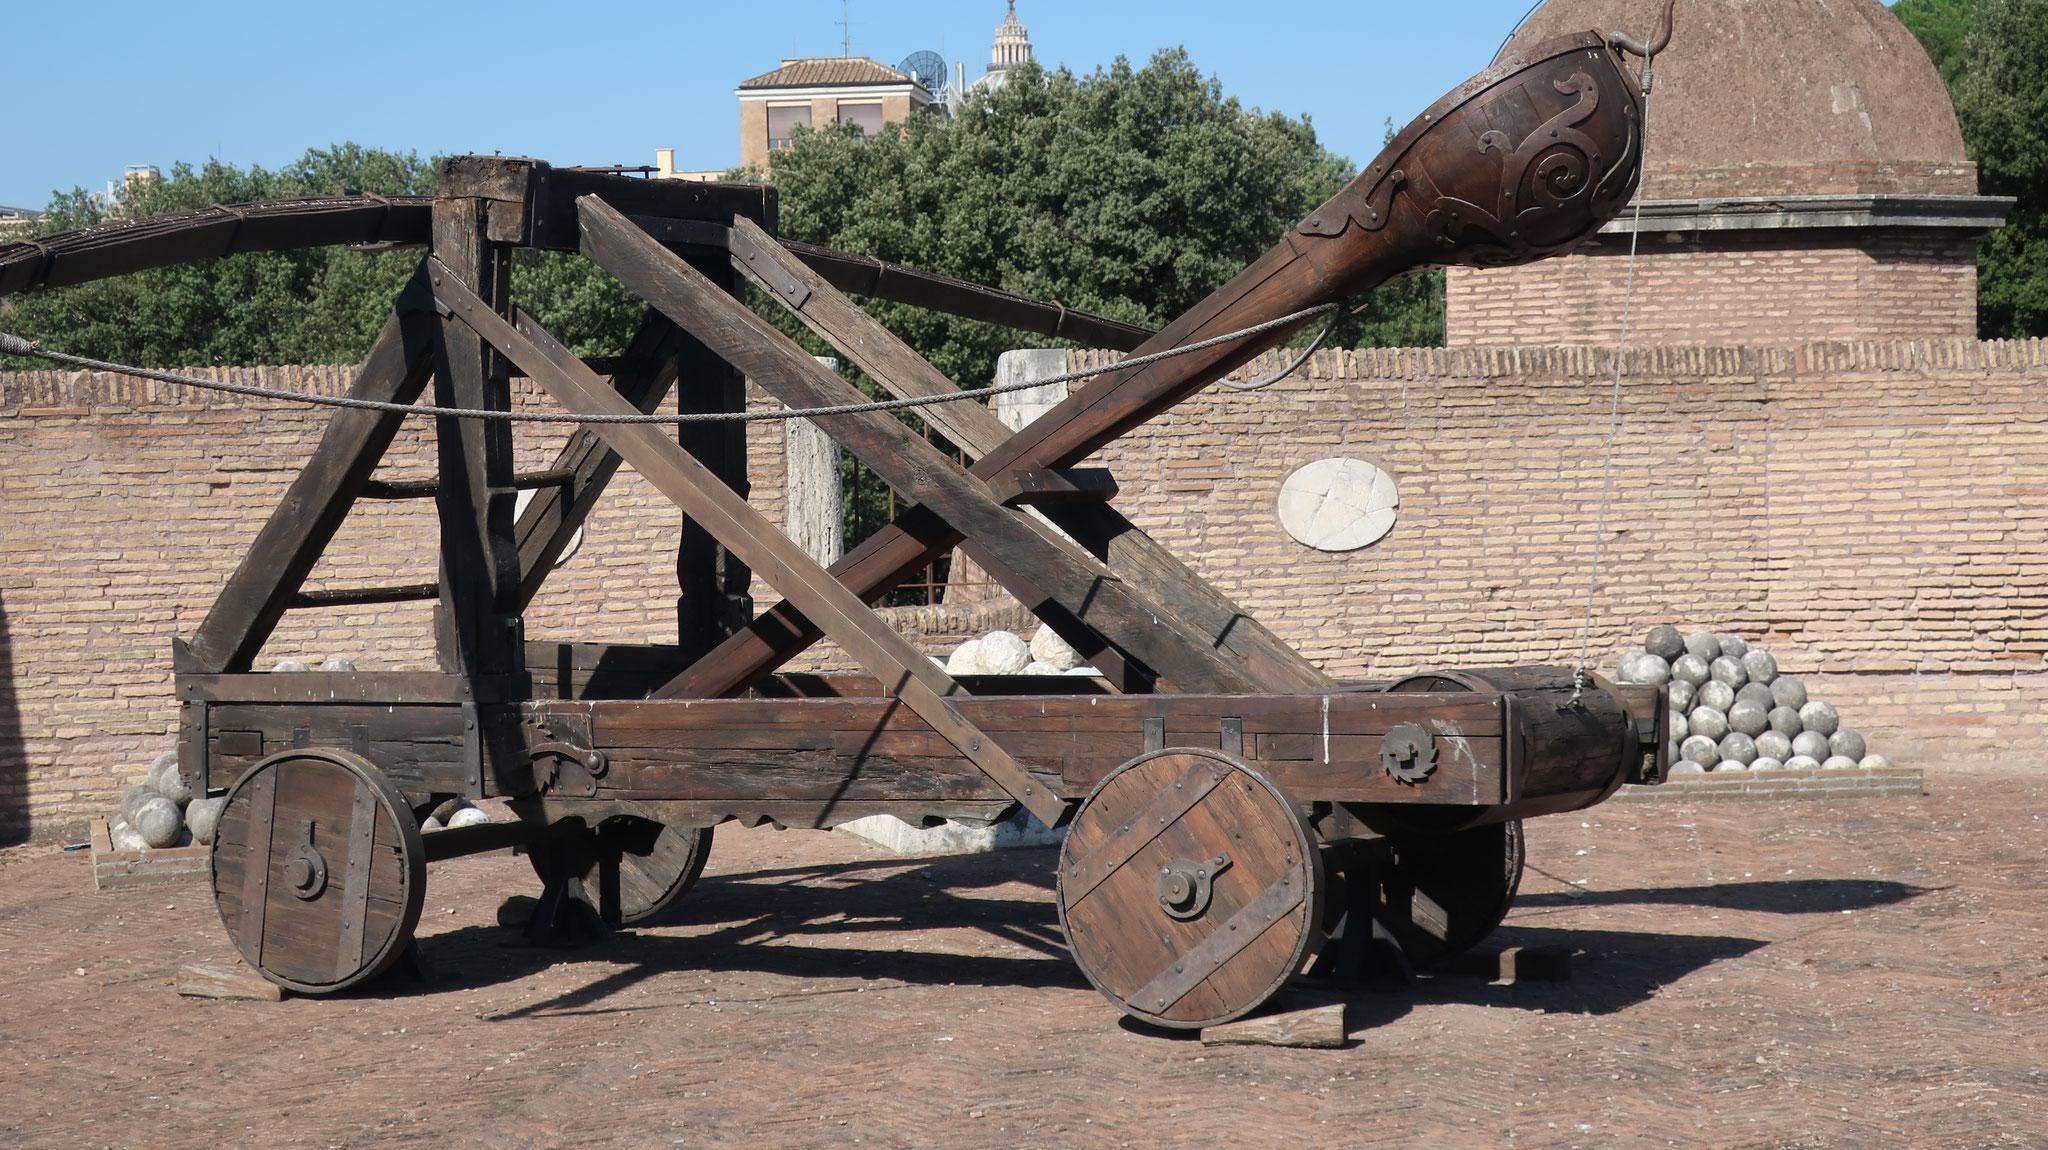 サンタンジェロ国立博物館。ローマ帝国時代に戦で用いた投石機。